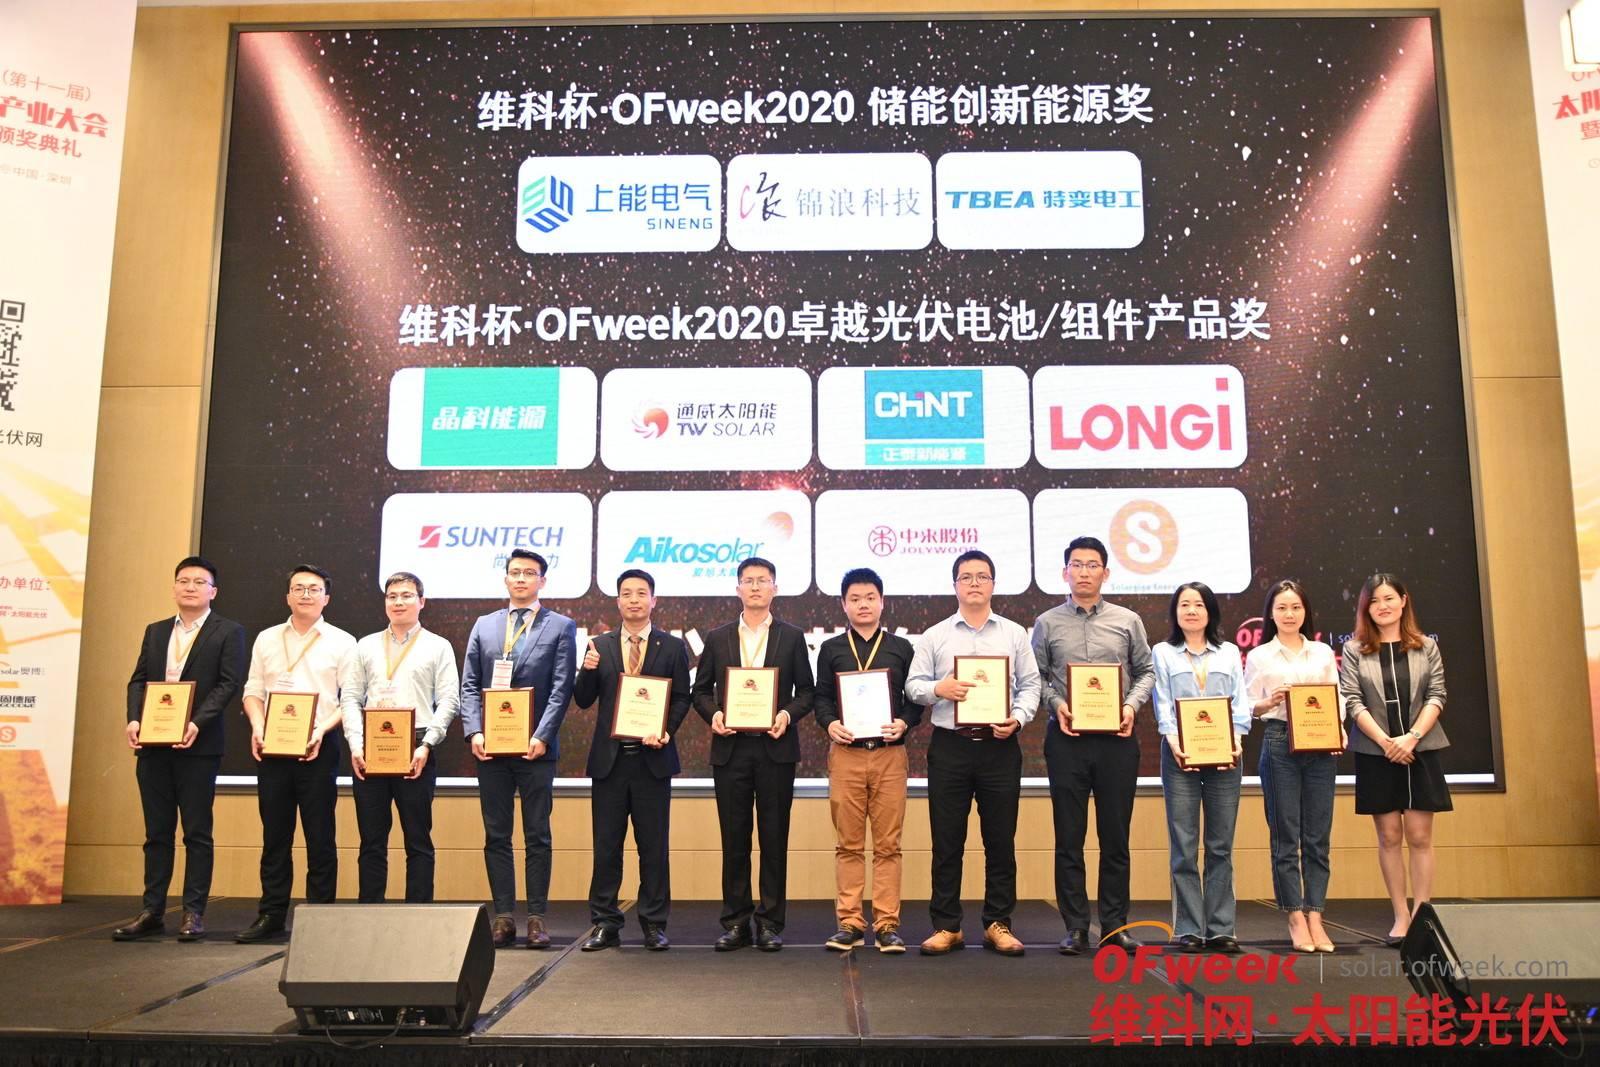 锦州阳光能源有限公司荣获维科杯·OFweek 2020卓越光伏电池/组件产品奖